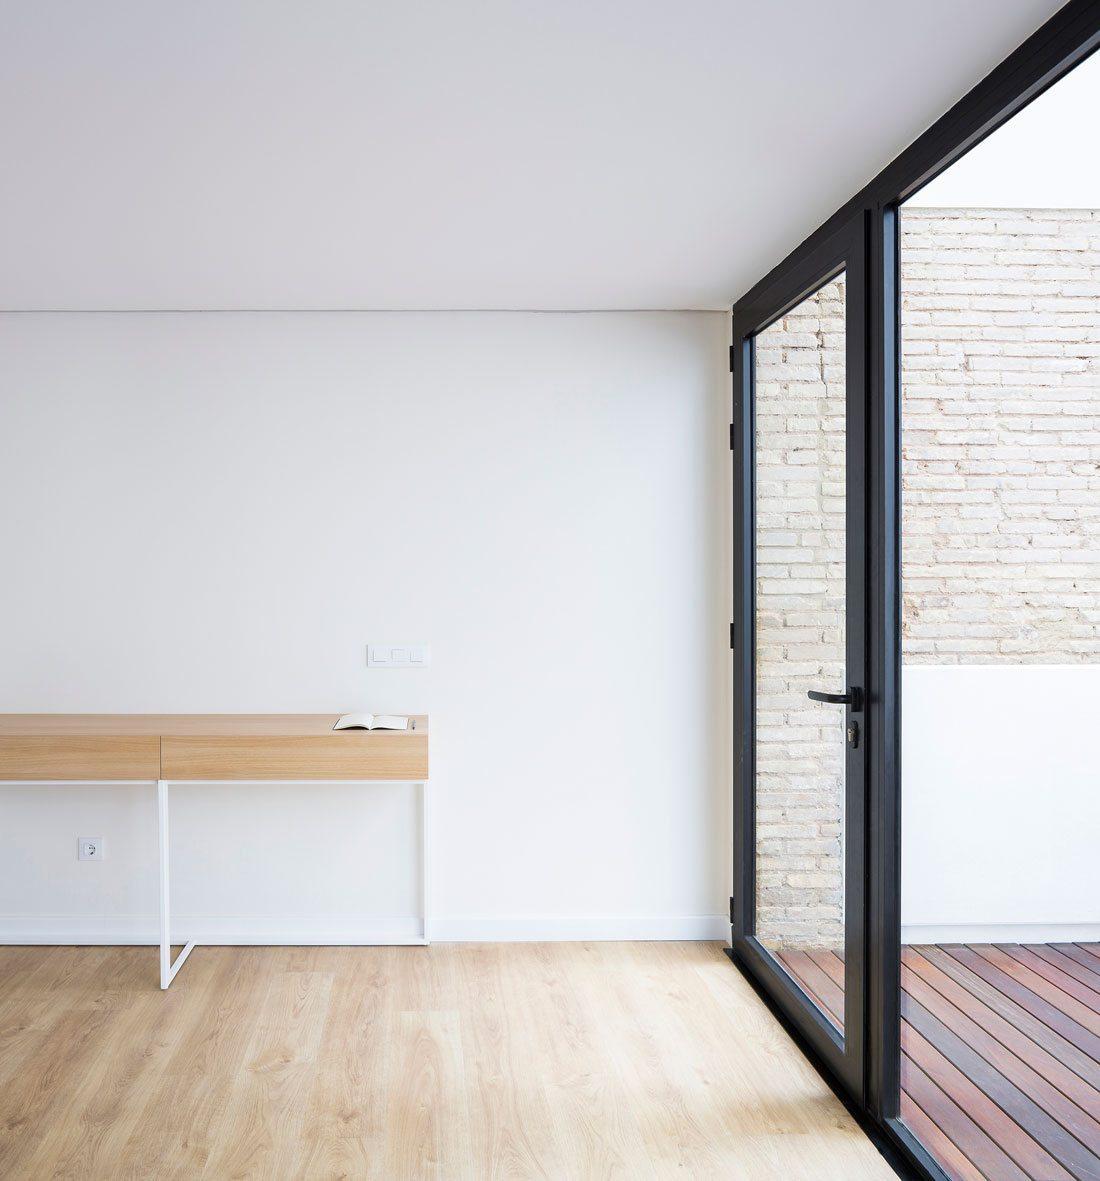 Interiorismo-valencia-reforma-adencia_de_viajes. diseño_de_interiores.